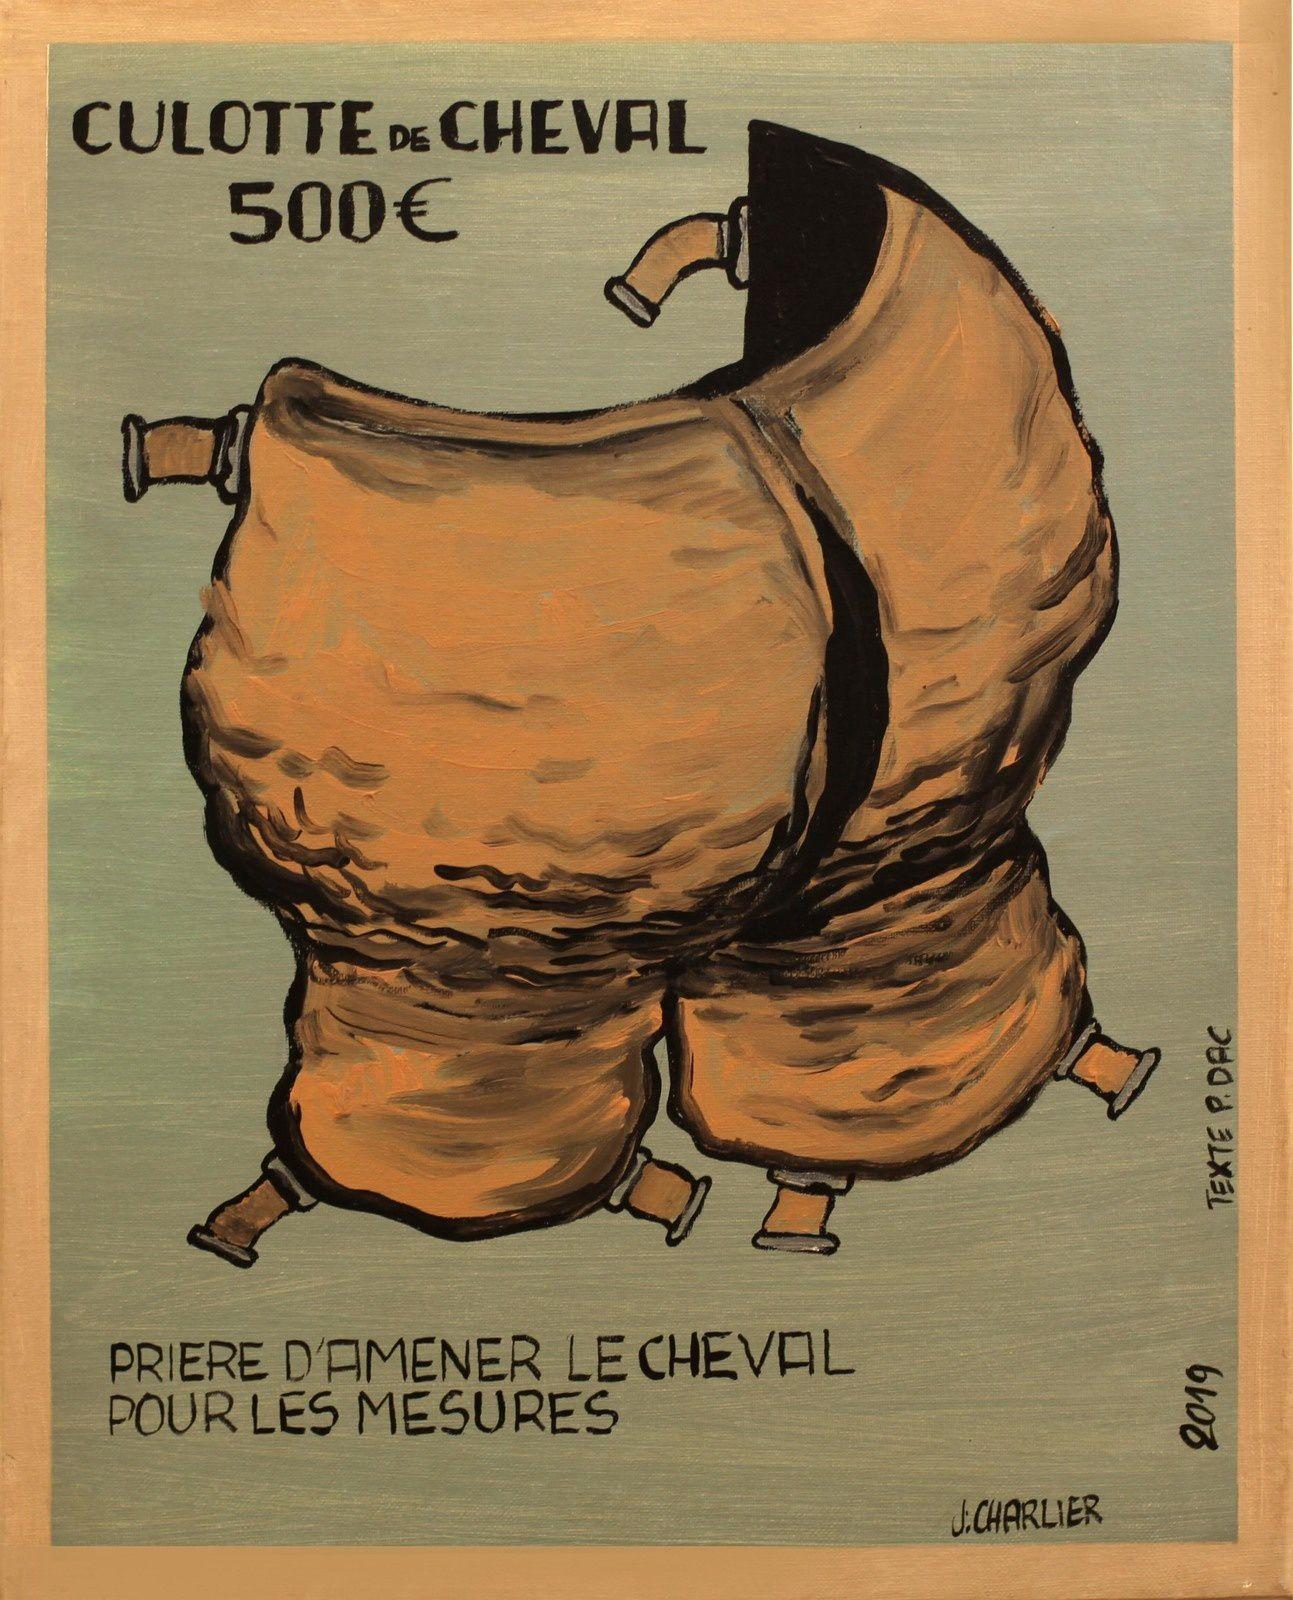 """Série Pierre DAC """"Culotte de cheval"""", 2019 de Jacques CHARLIER - Courtesy Galerie Lara Vincy © Photo Éric Simon"""